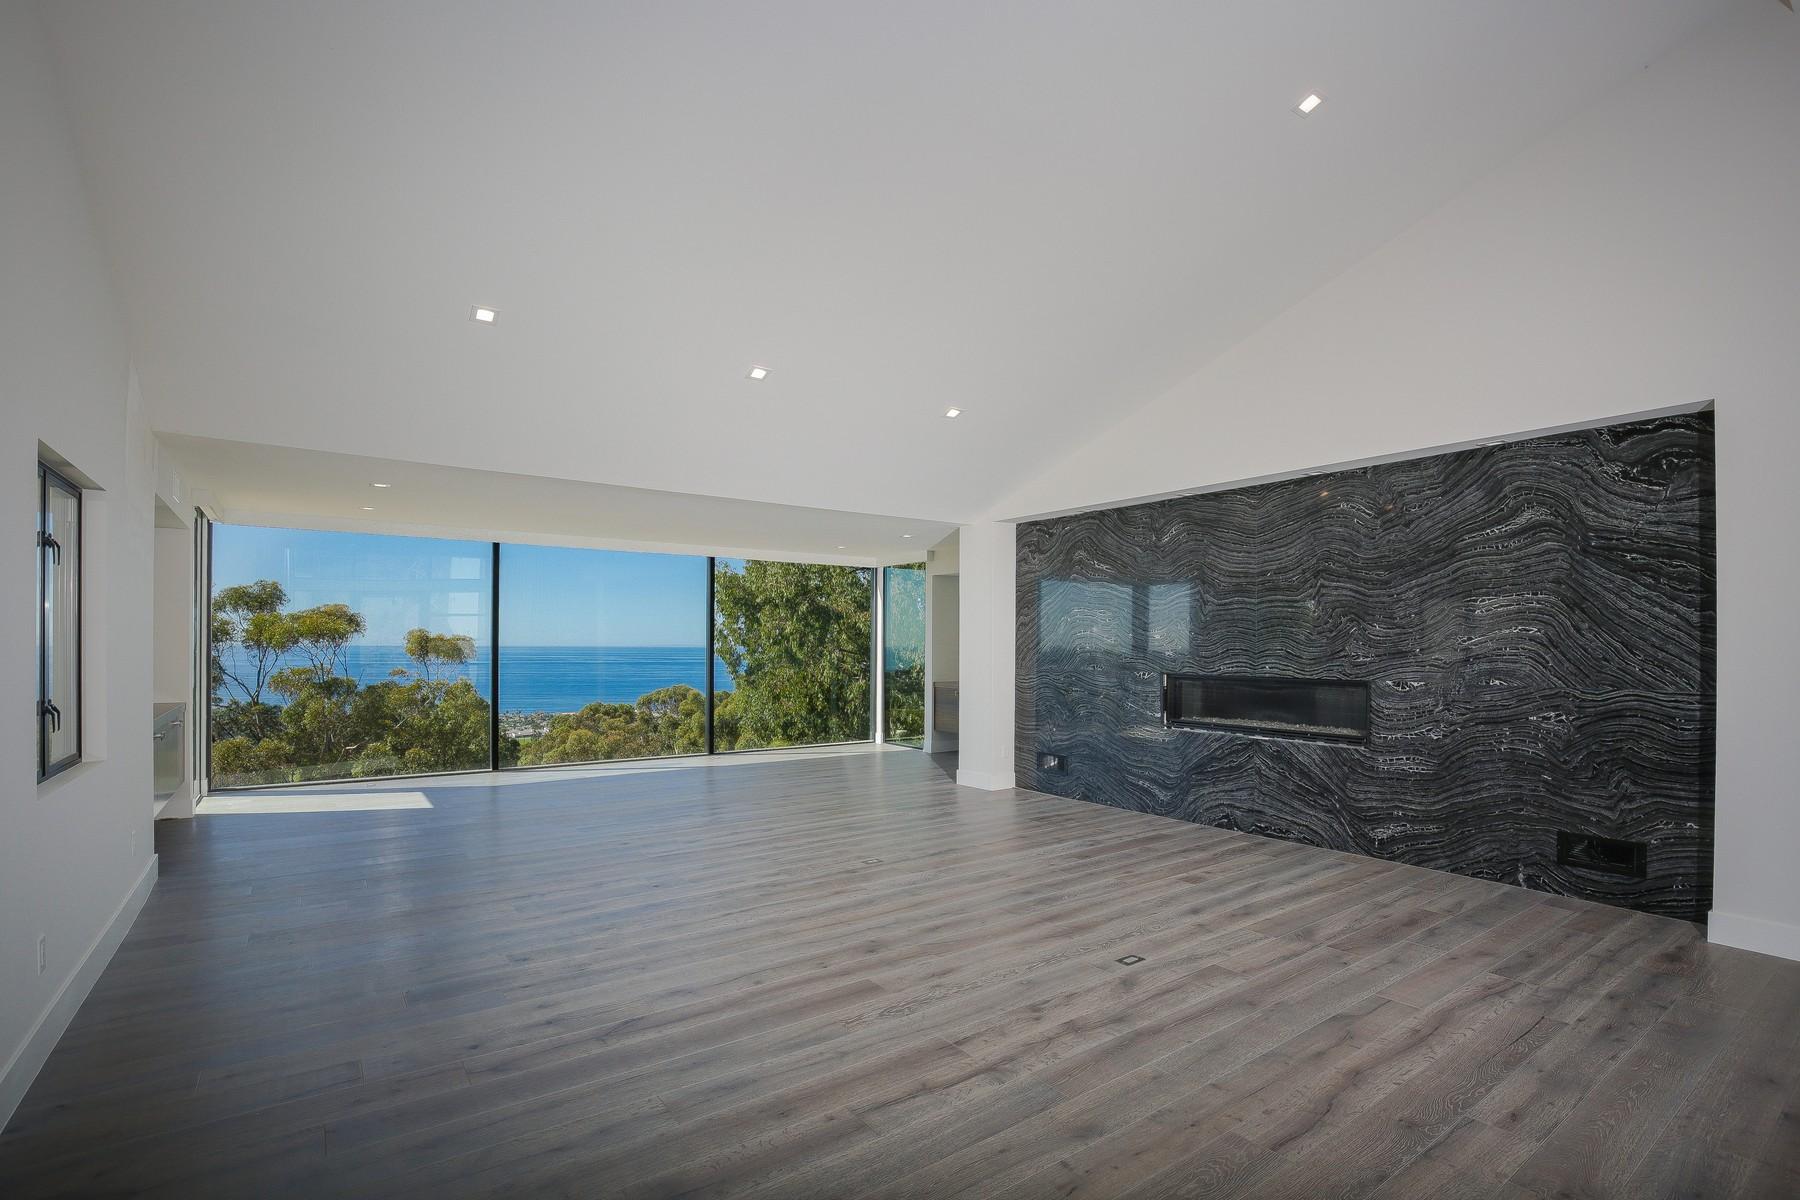 一戸建て のために 売買 アット 7160 Encelia Drive La Jolla, カリフォルニア, 92037 アメリカ合衆国